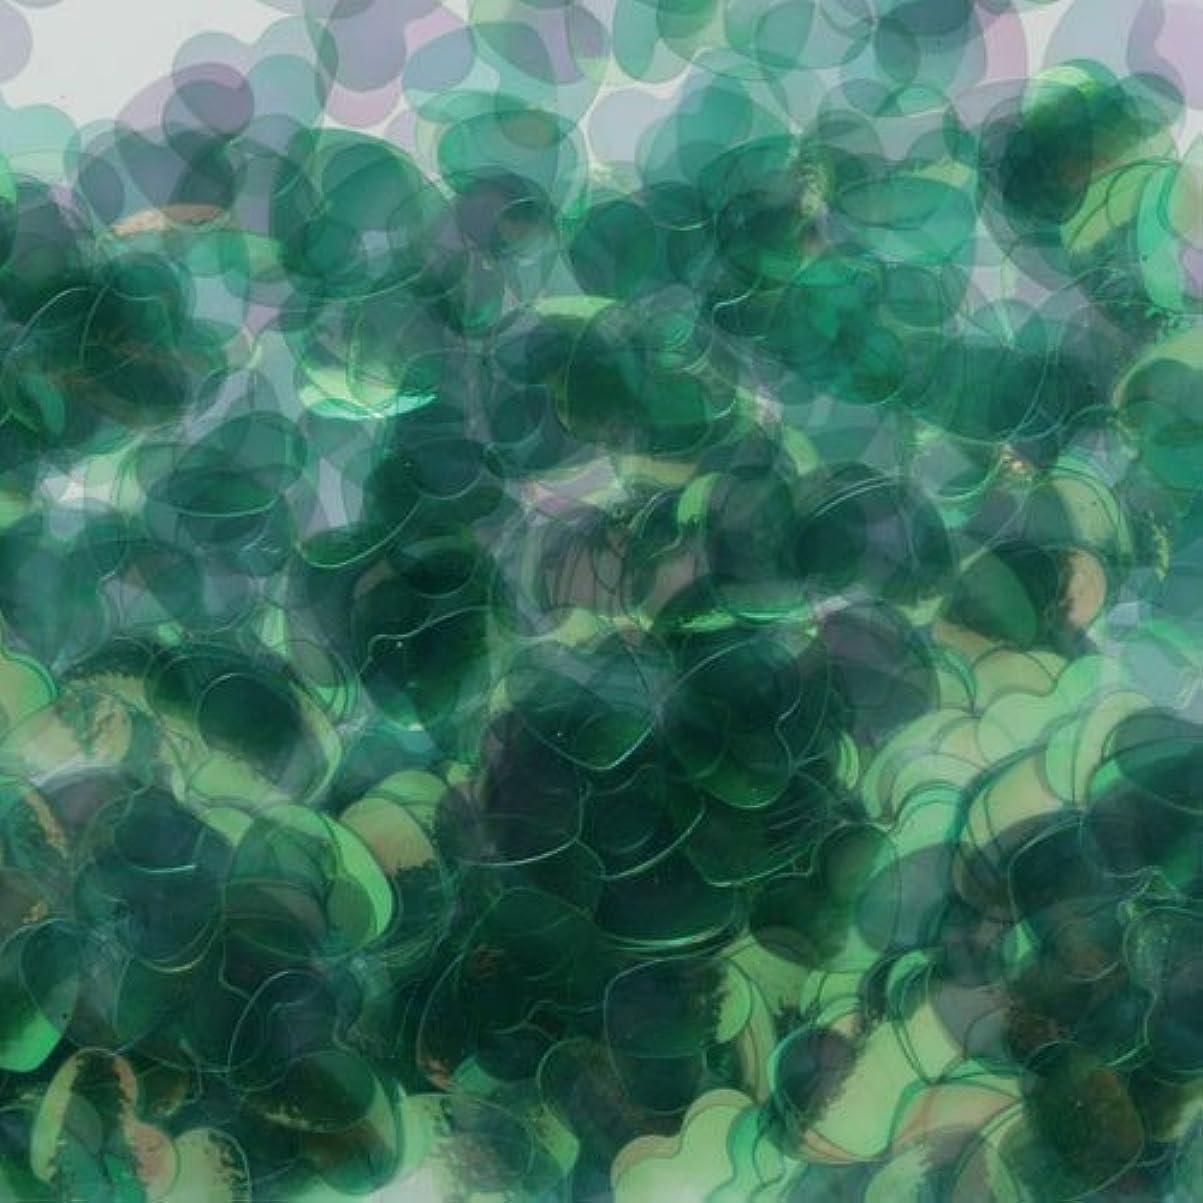 相談ビジュアルぐるぐるピカエース ネイル用パウダー ハートオーロラ 耐溶剤 #790 グリーン 0.5g